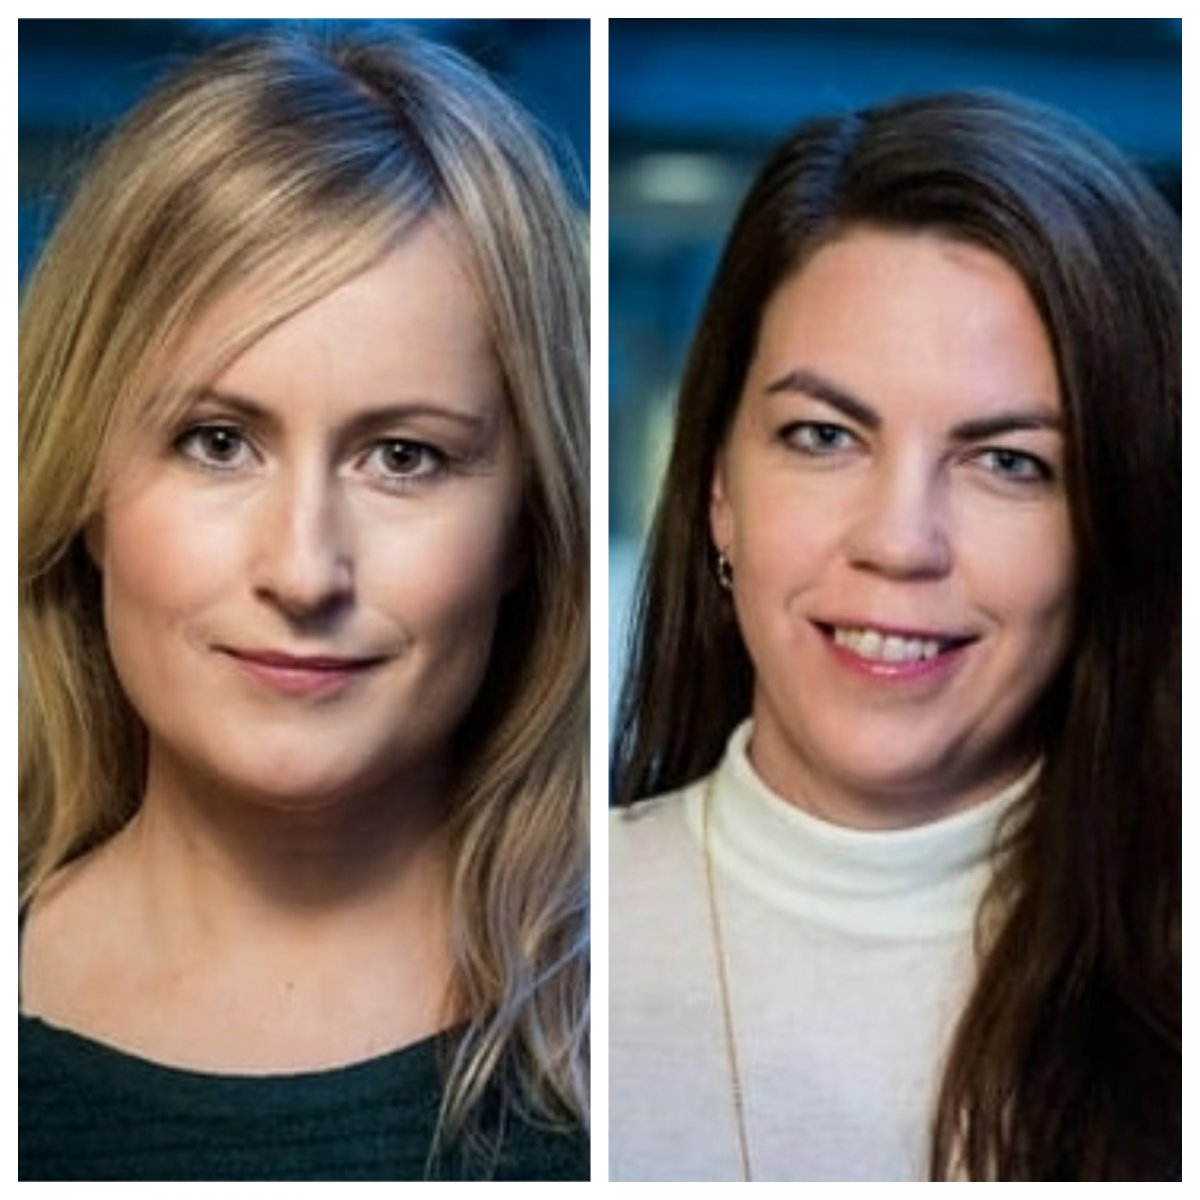 Unnur Valdemarsdóttir and Arna Hauksdóttir